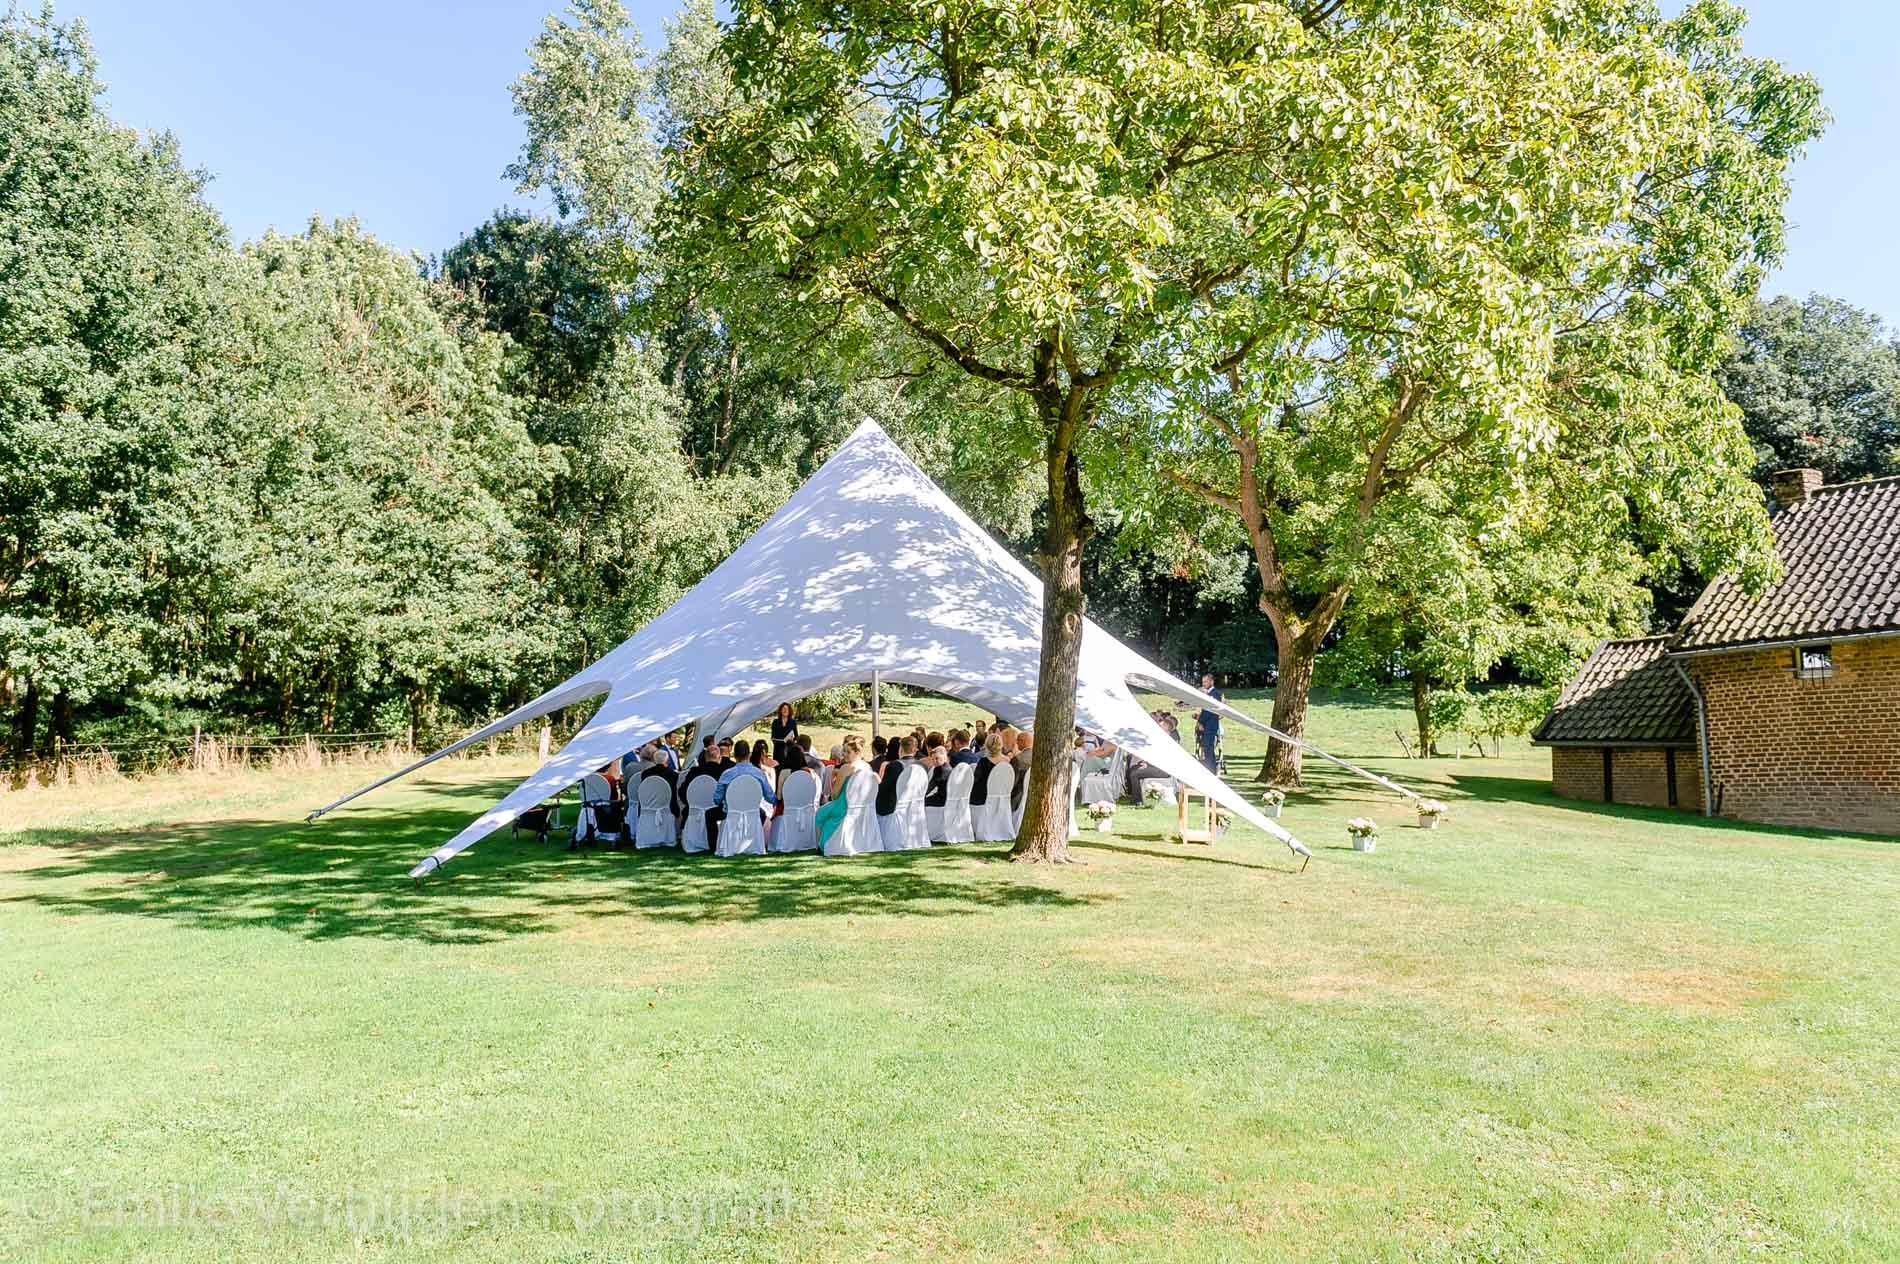 De tent in de prachtige tuin van Winselerhof